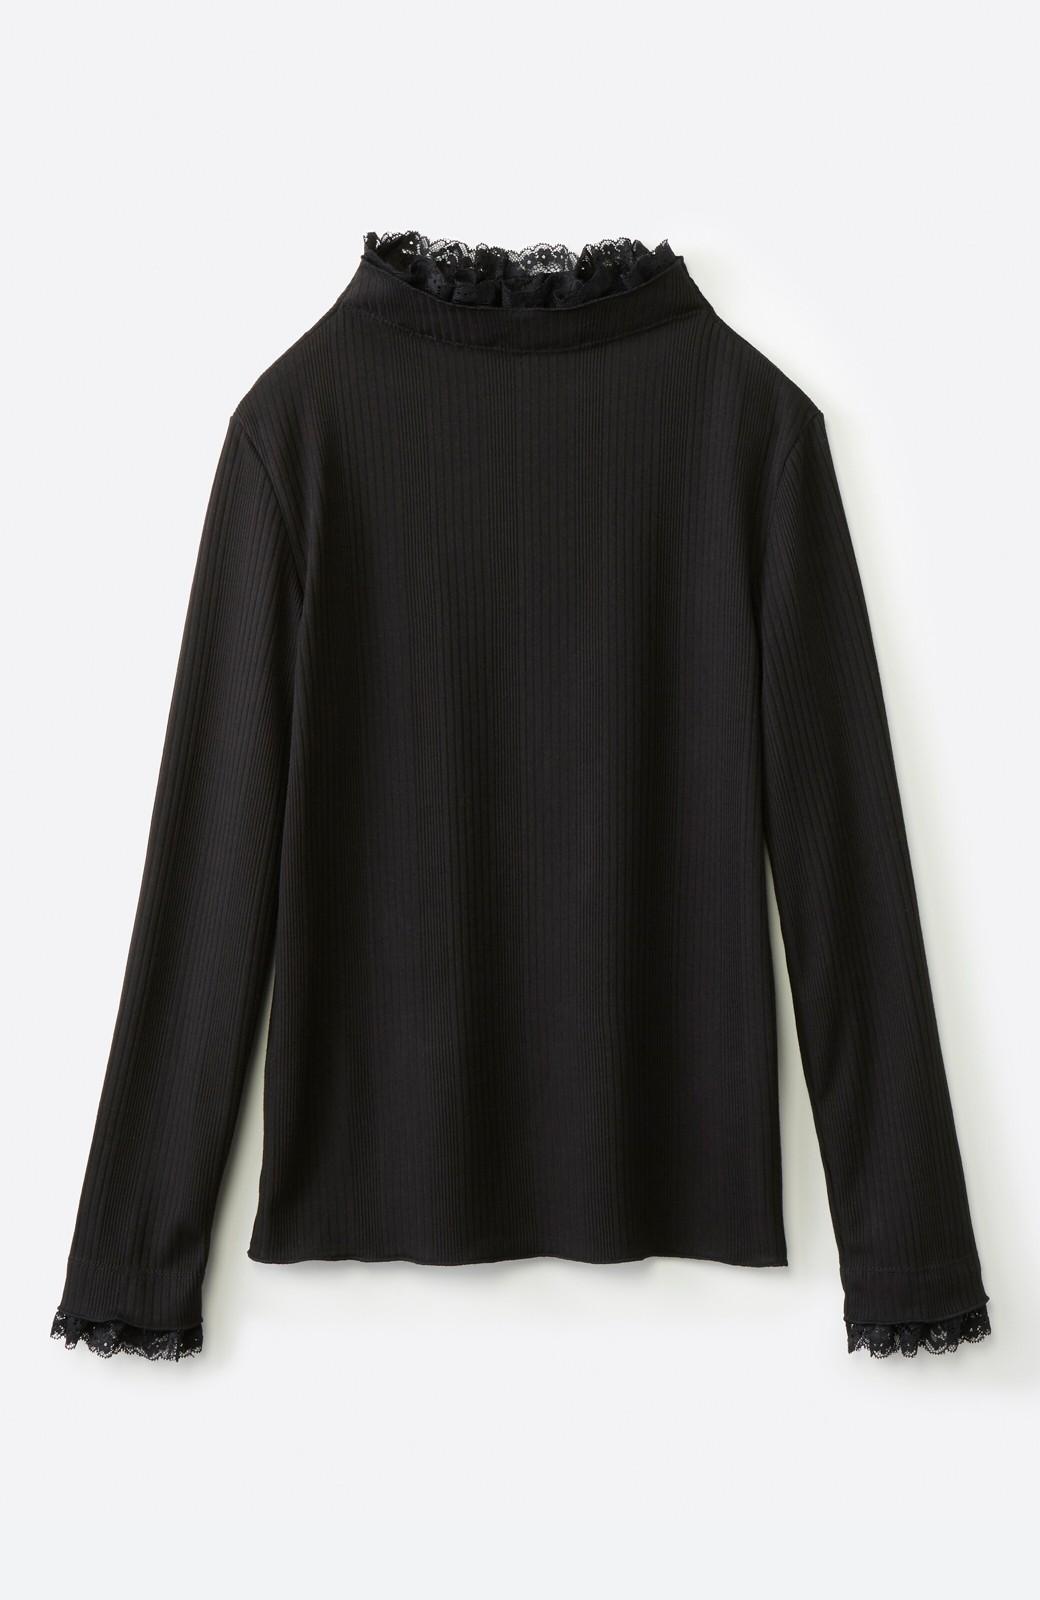 haco! 1枚でも重ねても便利!テレコ素材できれいに着られる衿レース付きカットソートップスby style zampa <ブラック>の商品写真2